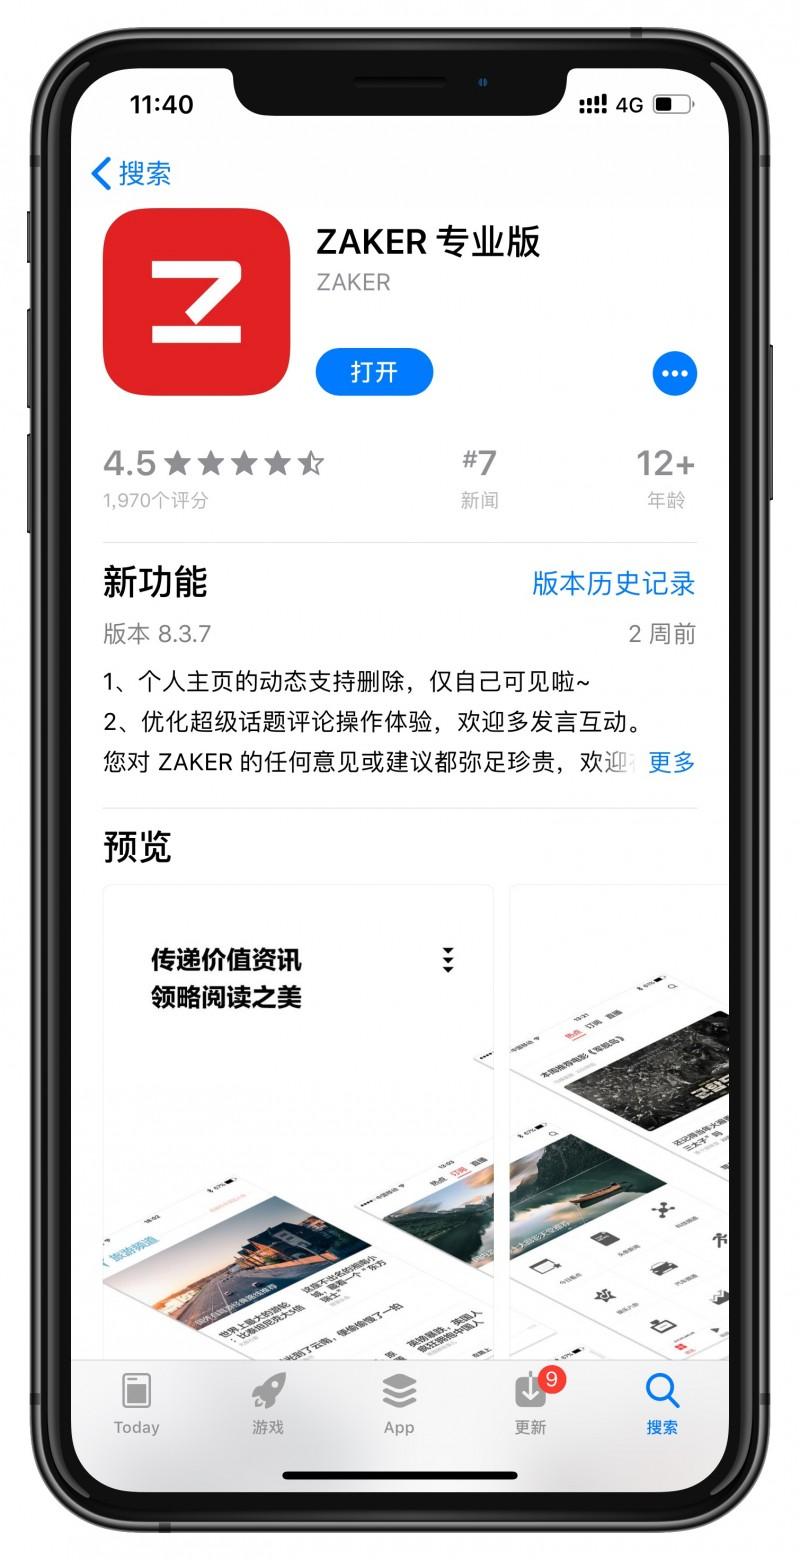 [已购]ZAKER 专业版-草蜢资源